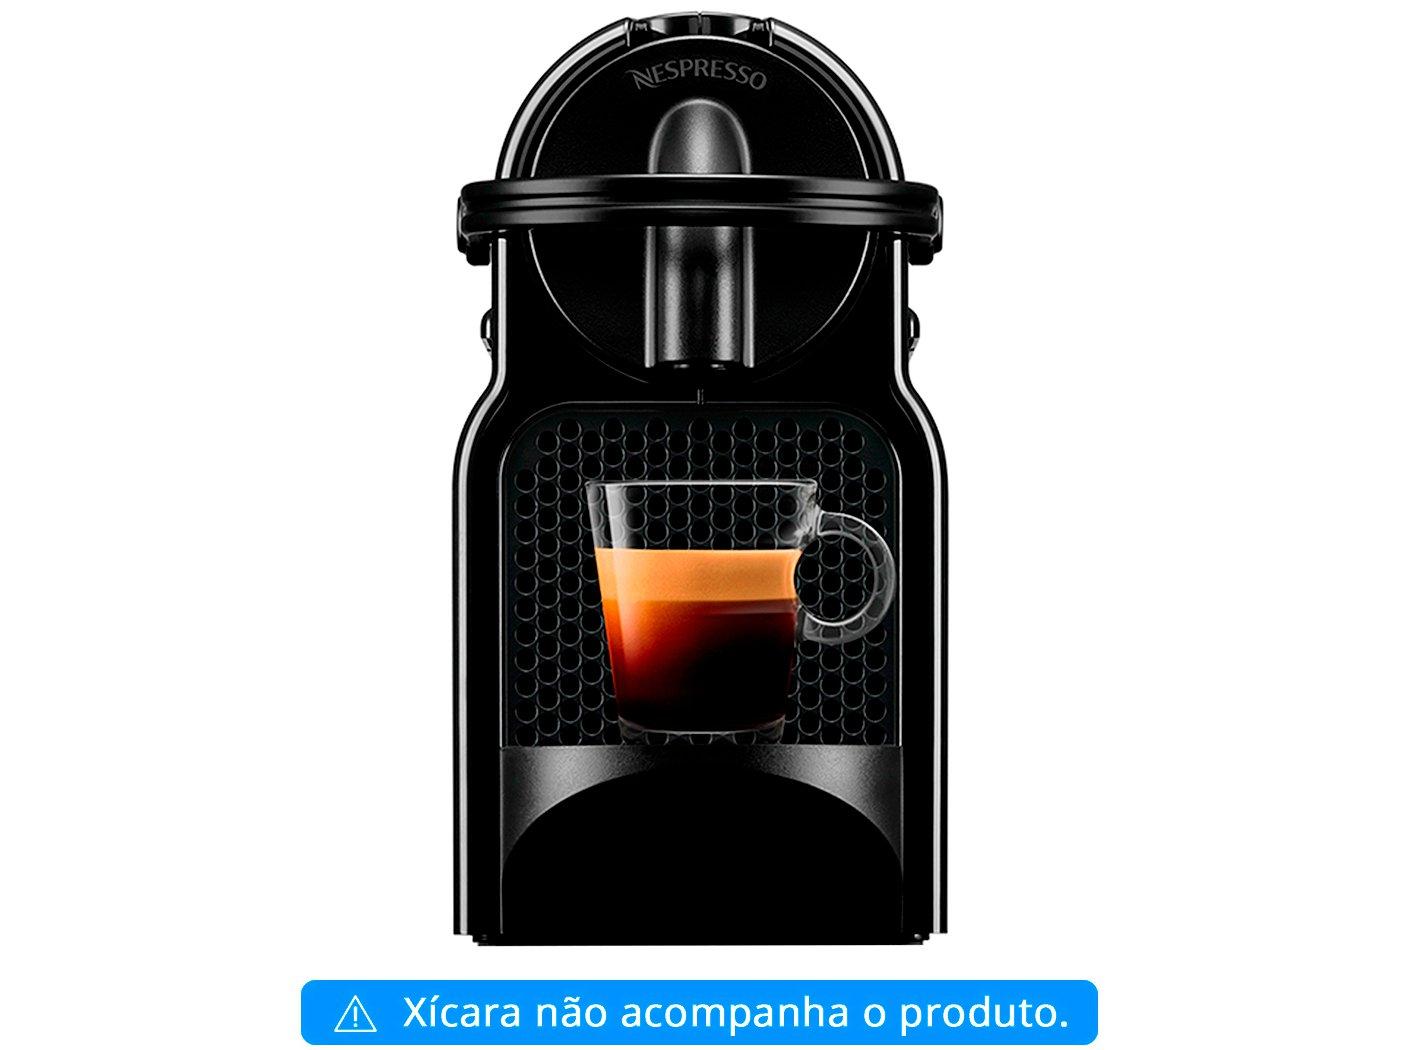 Cafeteira Nespresso Inissia D40 com Kit Boas Vindas - Preta - 110V - 4